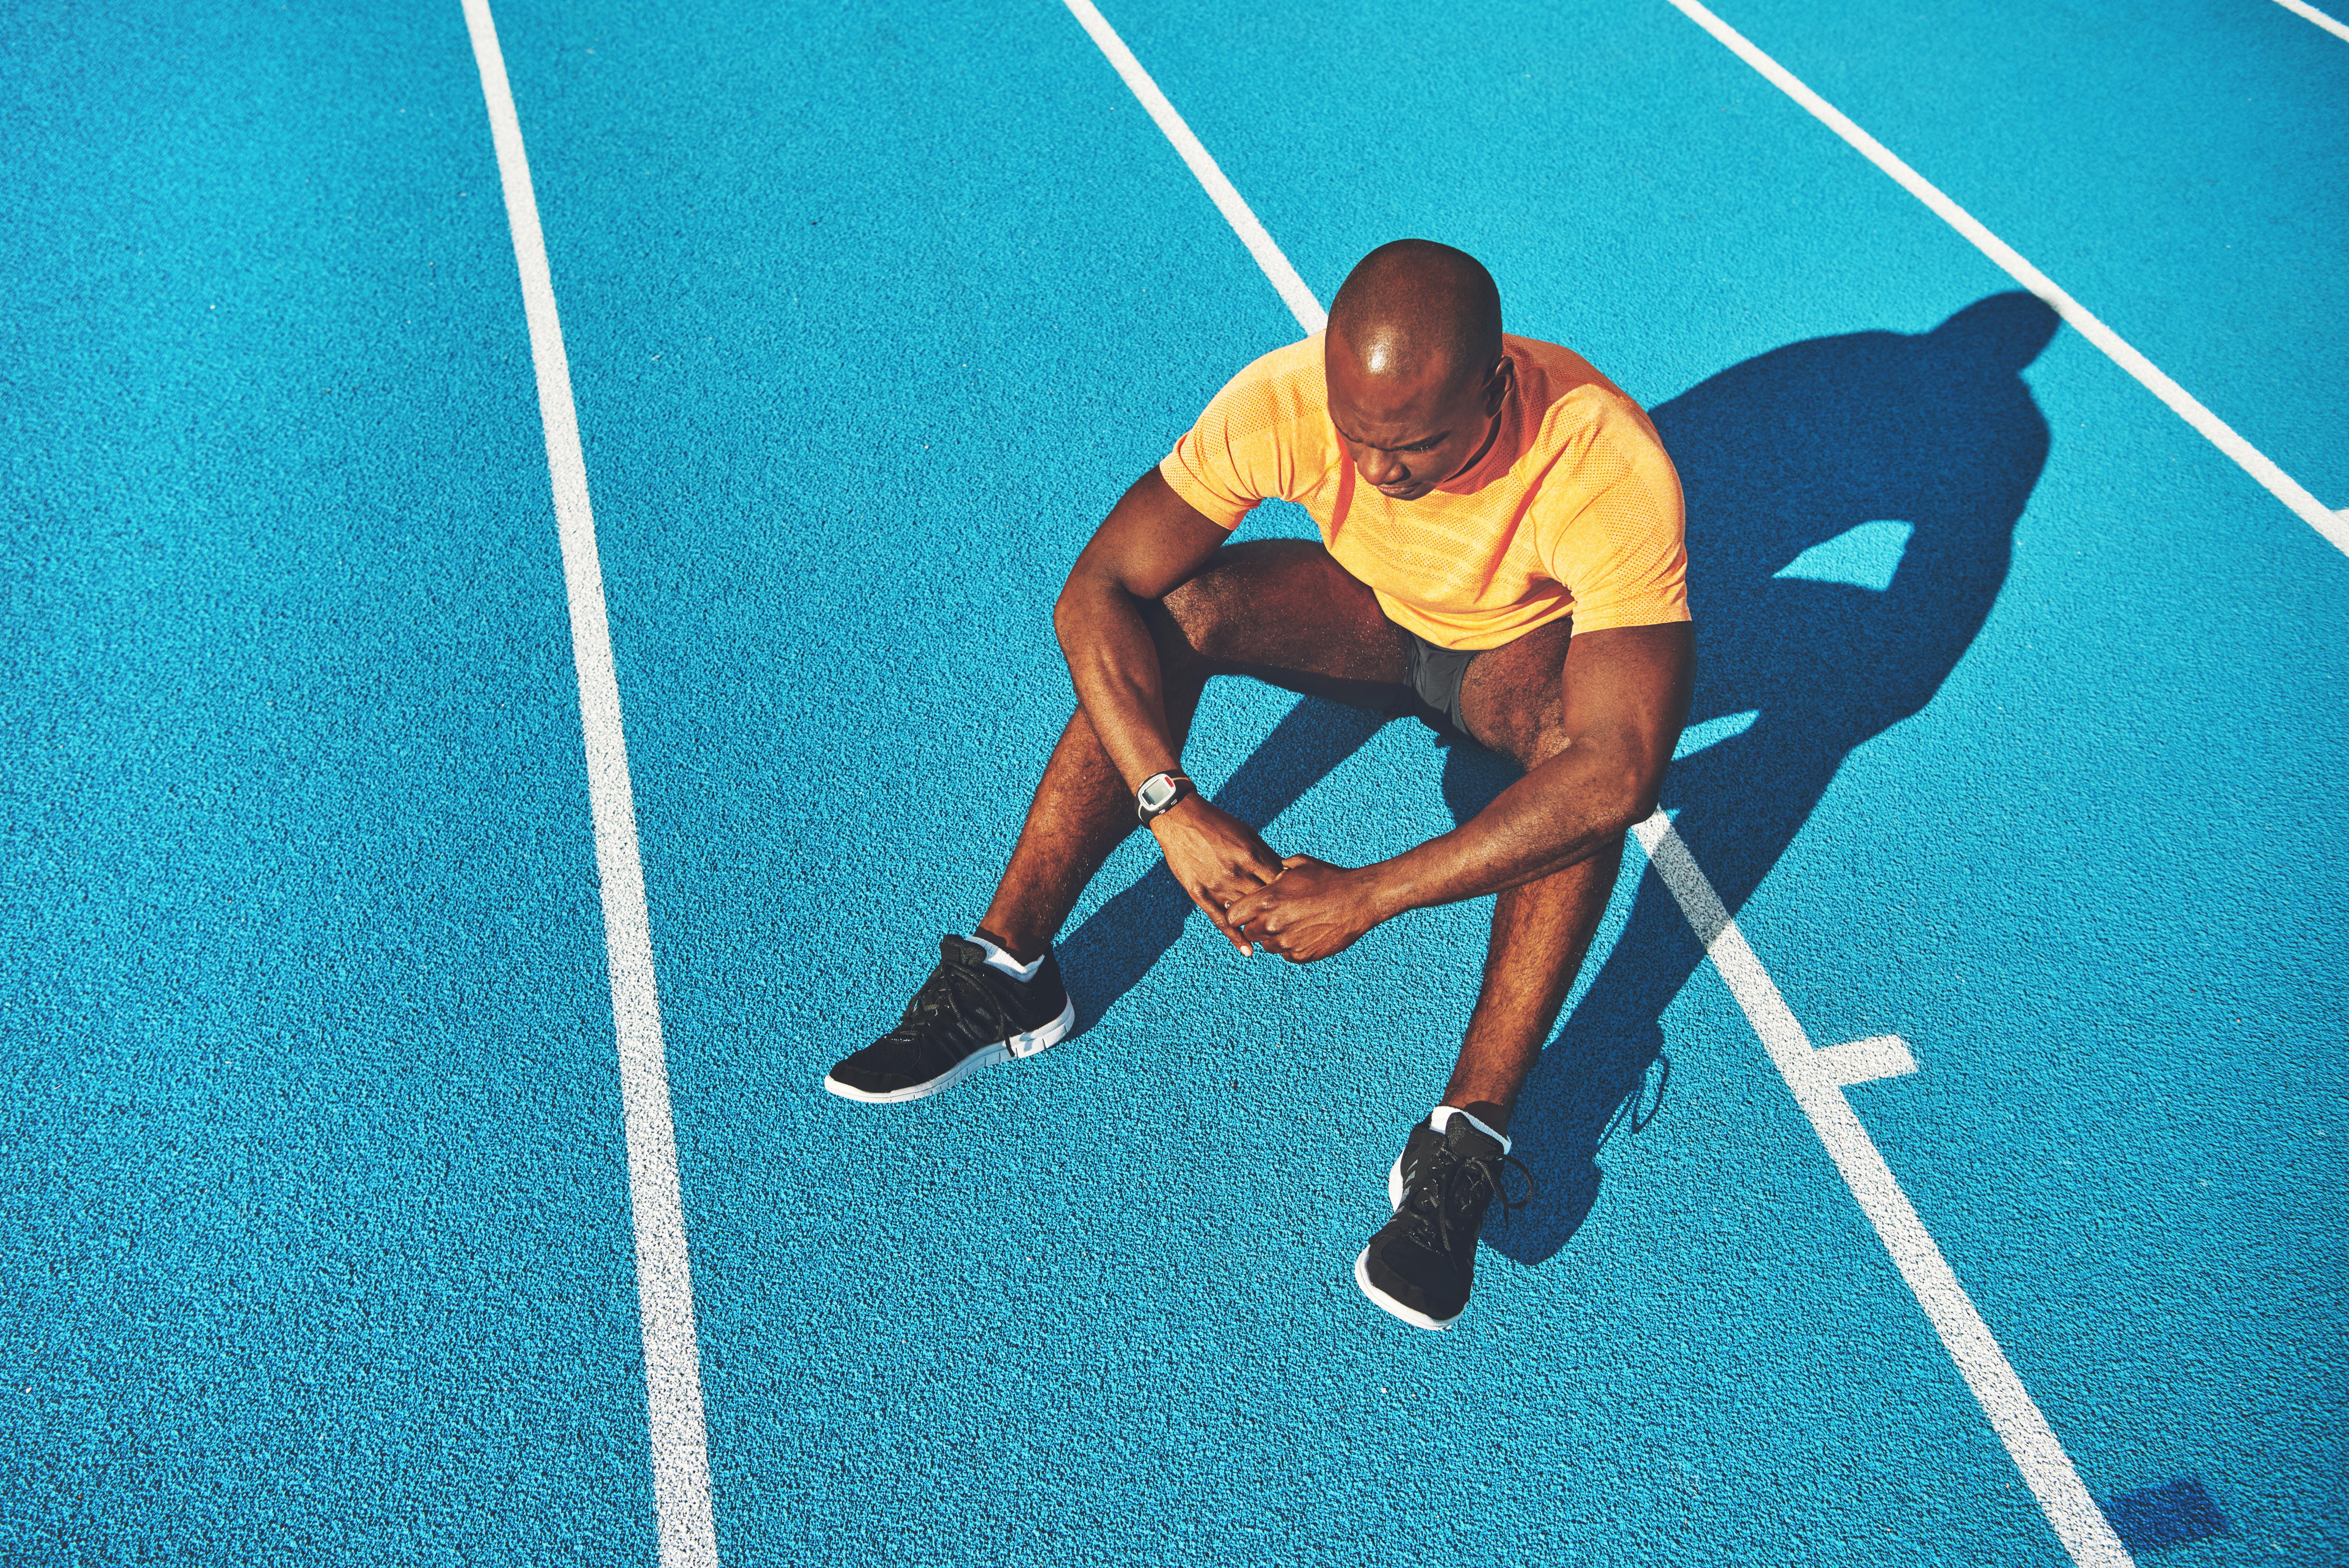 Le surentraînement mène à la fatigue physique mais aussi cognitive